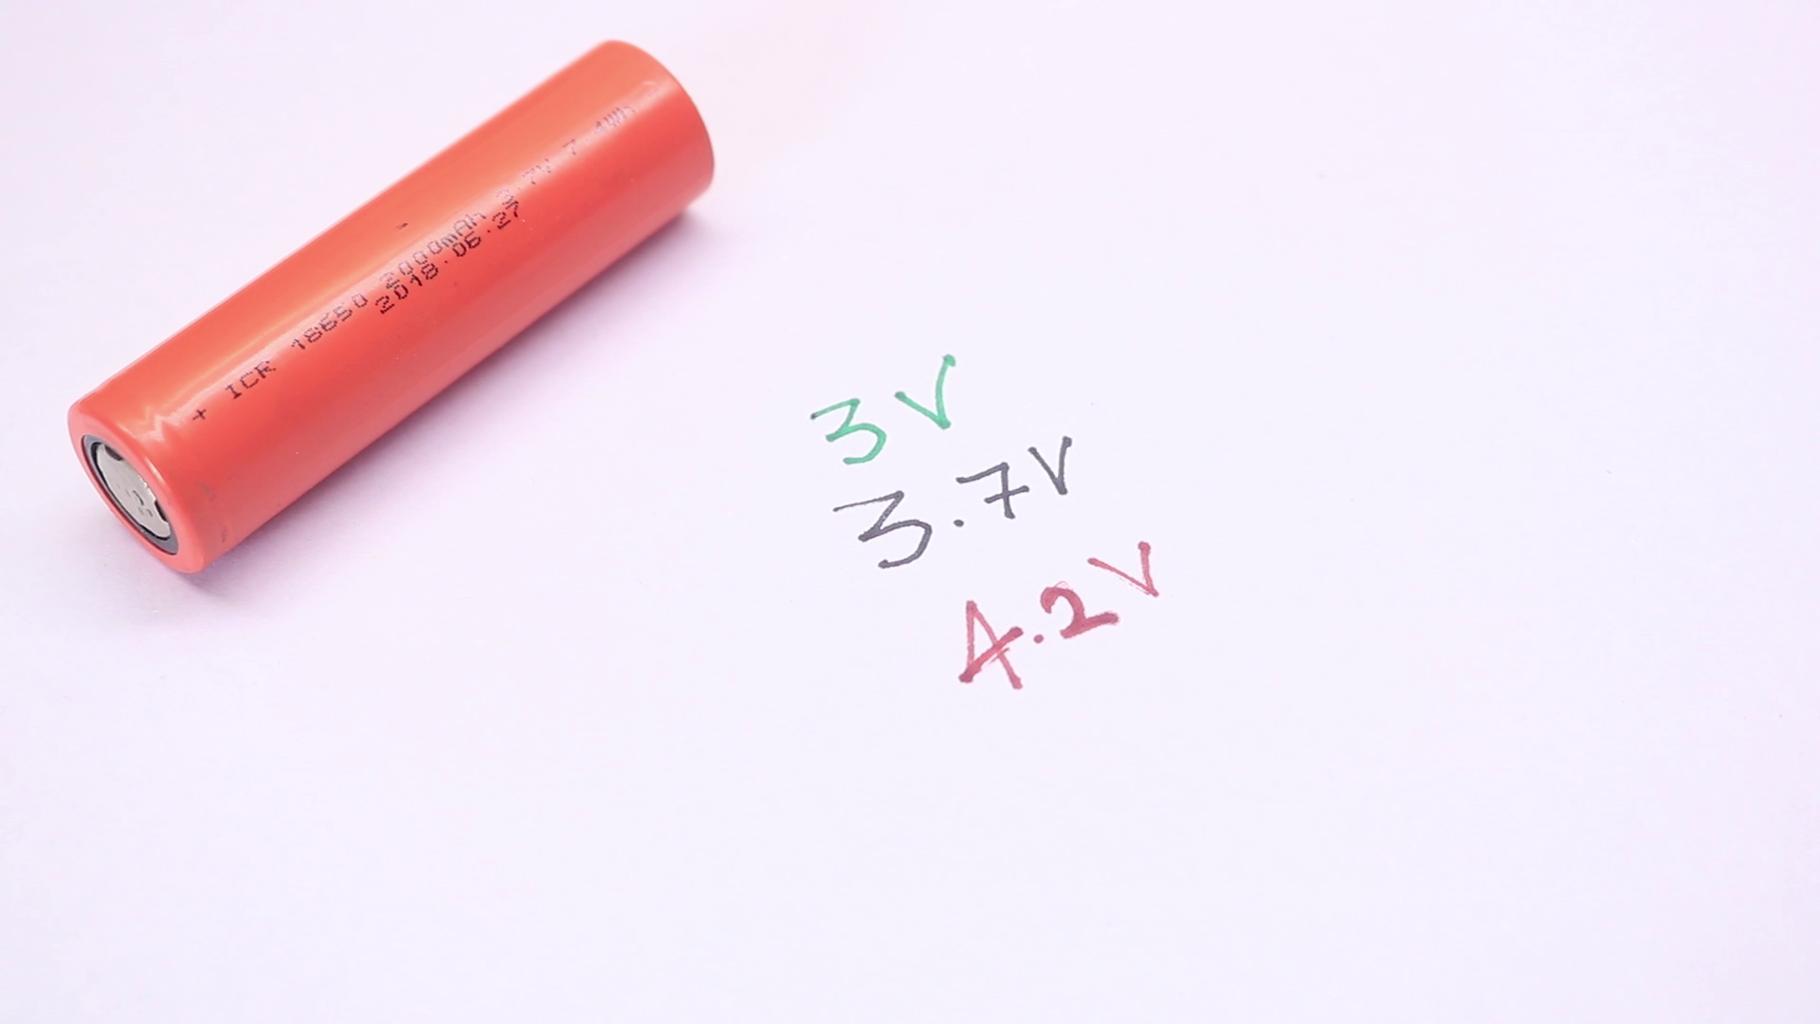 Calculations!